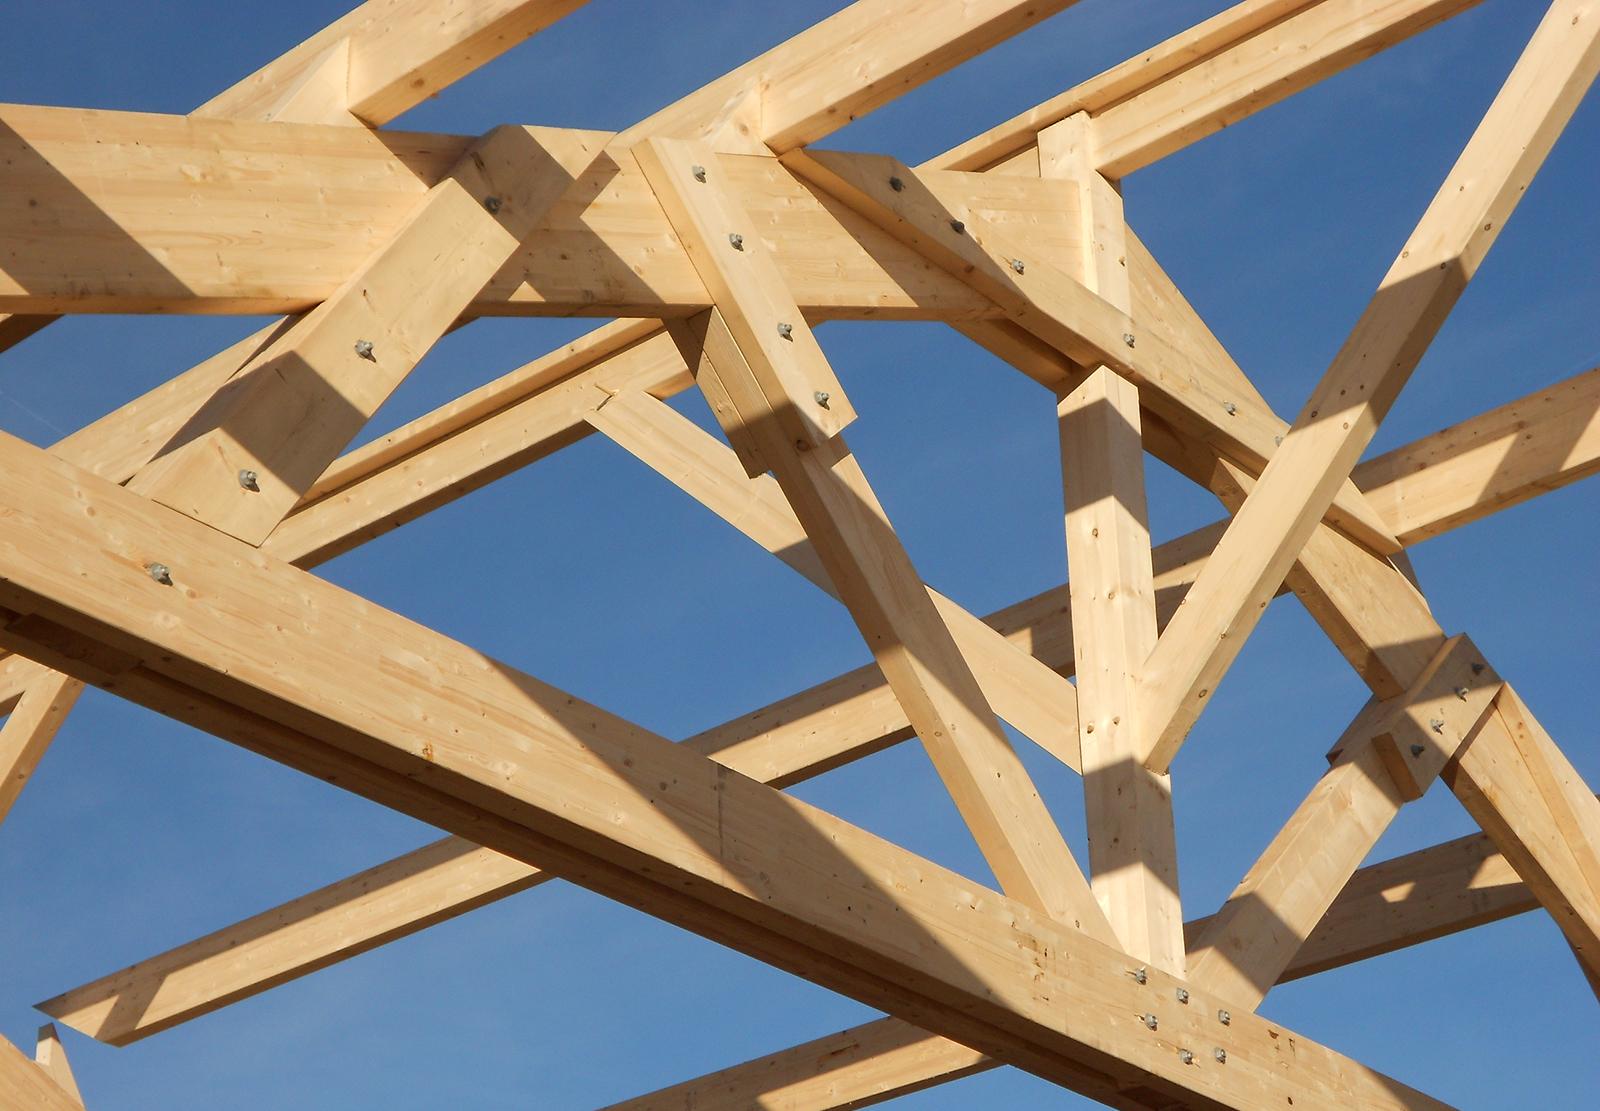 Tradi Charpente intérieur produits   vsb - vosges structures bois